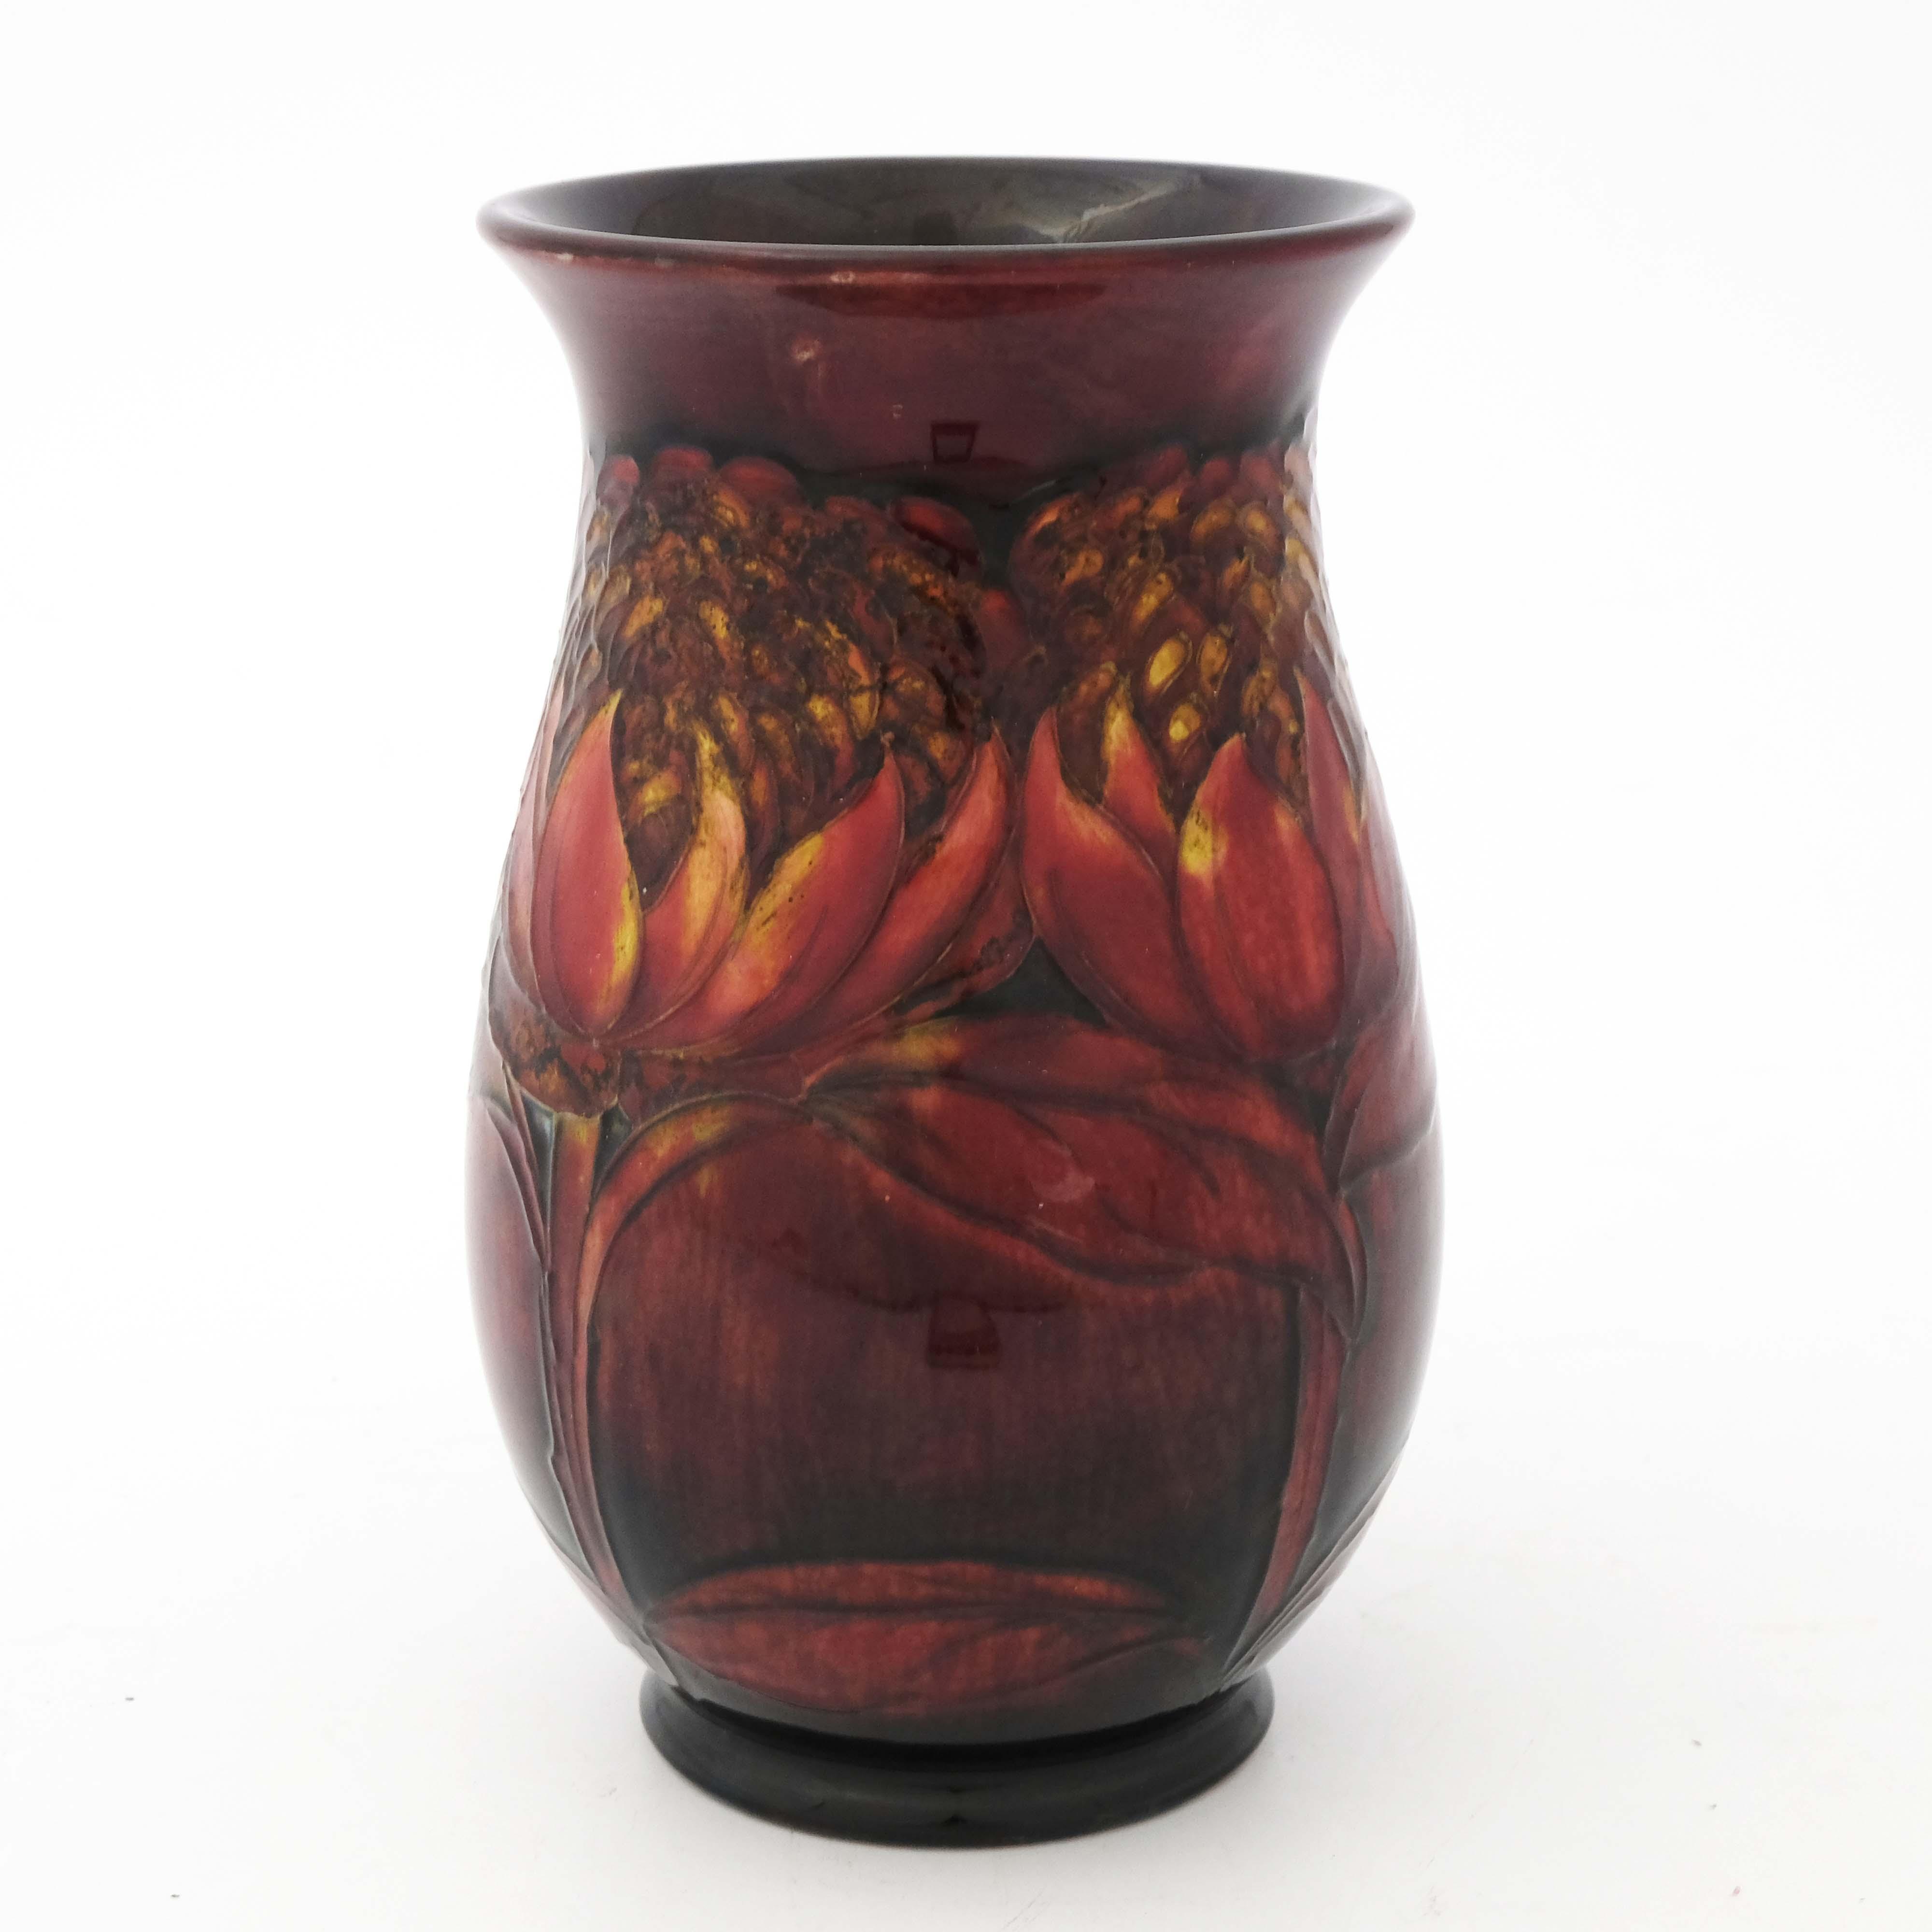 William Moorcroft, a Flambe Waratah vase - Image 2 of 5